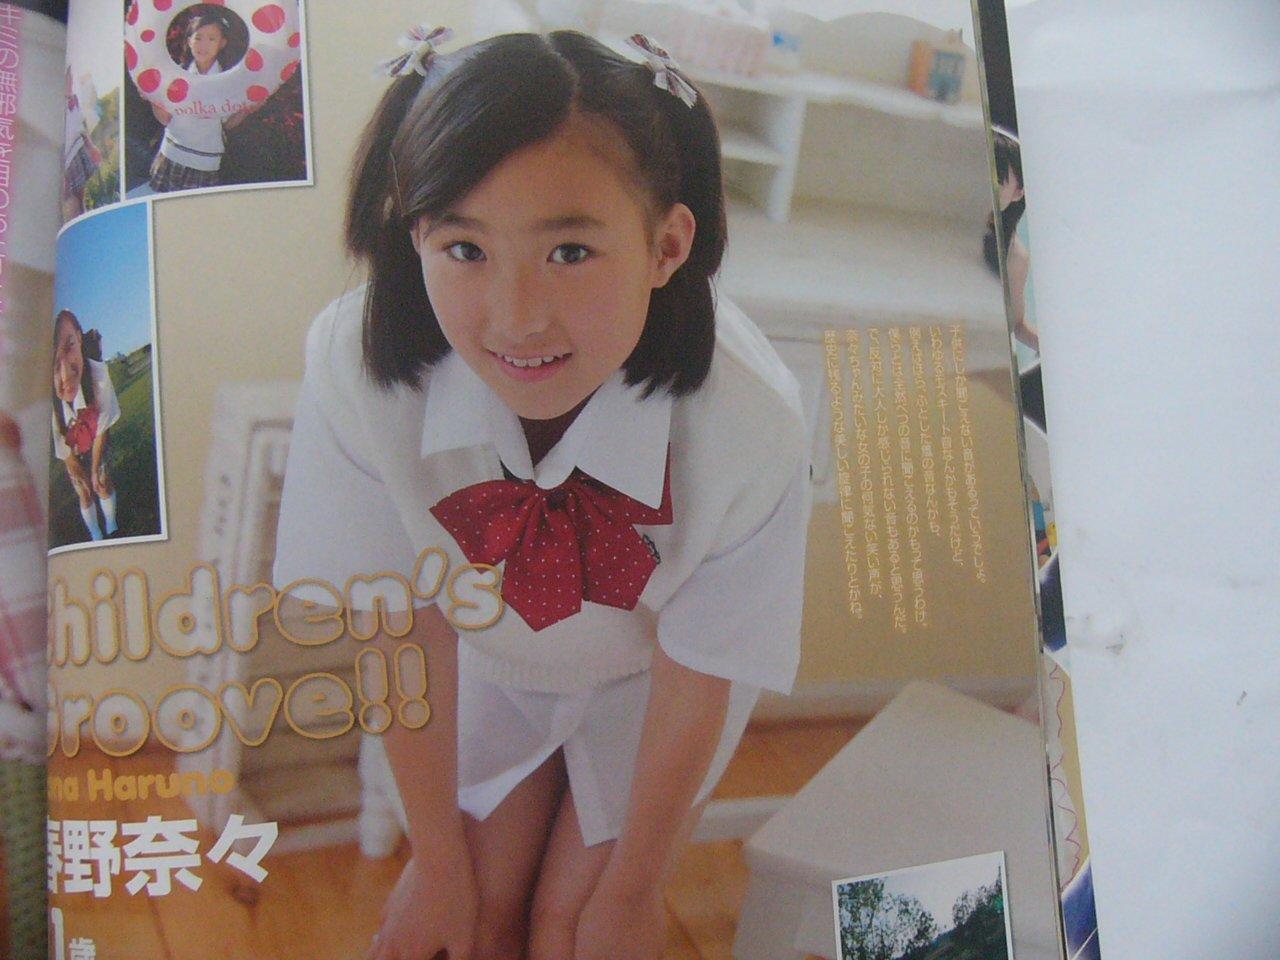 Moecco Moecco Vol 44 Japan Idol Book with Dvd: samurai: 9784865110494: Amazon.com: Books